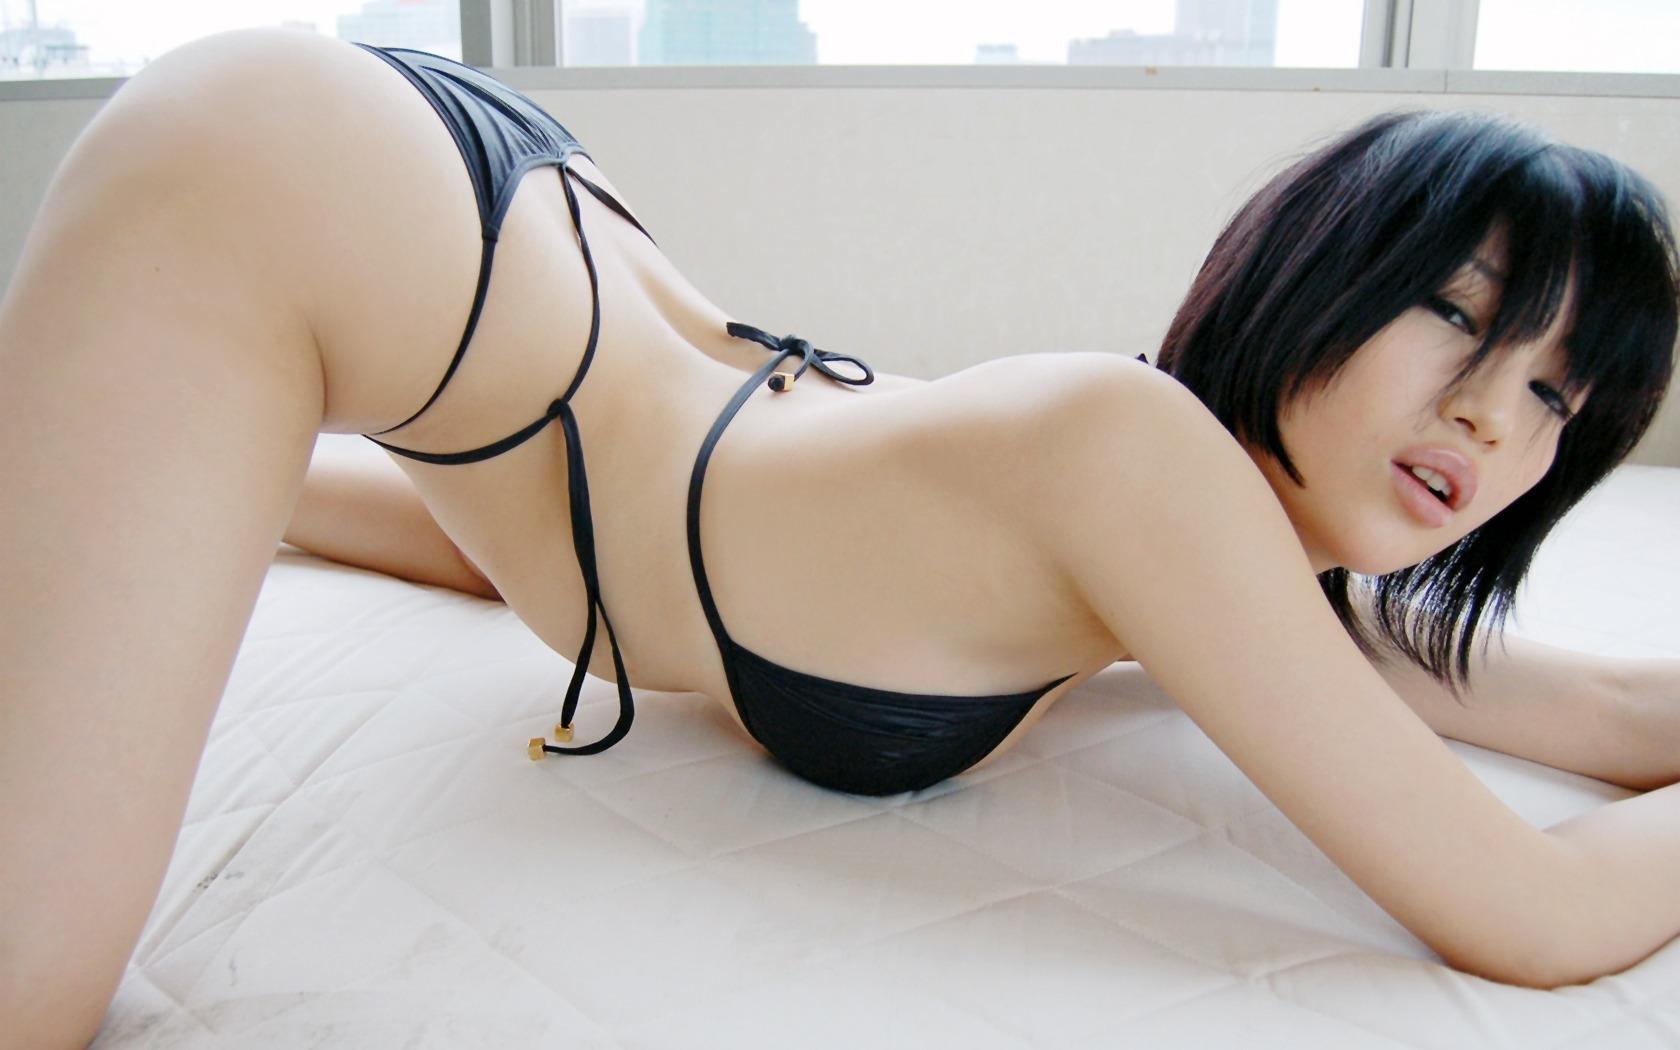 Татарку в жопу онлайн, Татарин ебёт в красивую жопу девушку 15 фотография